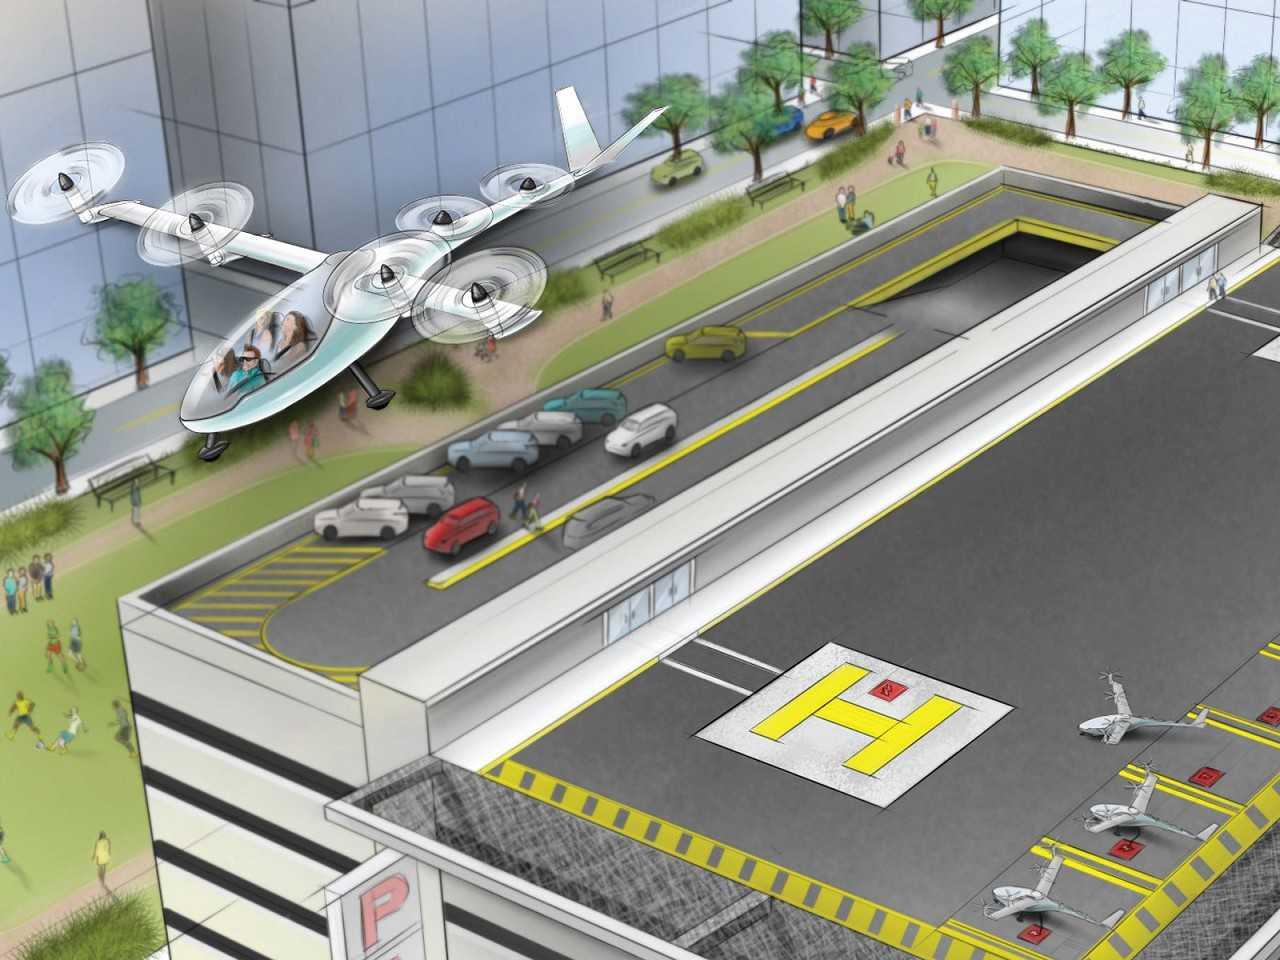 Ilustração mostra um dos carros voadores do Uber chegando a um vertiport